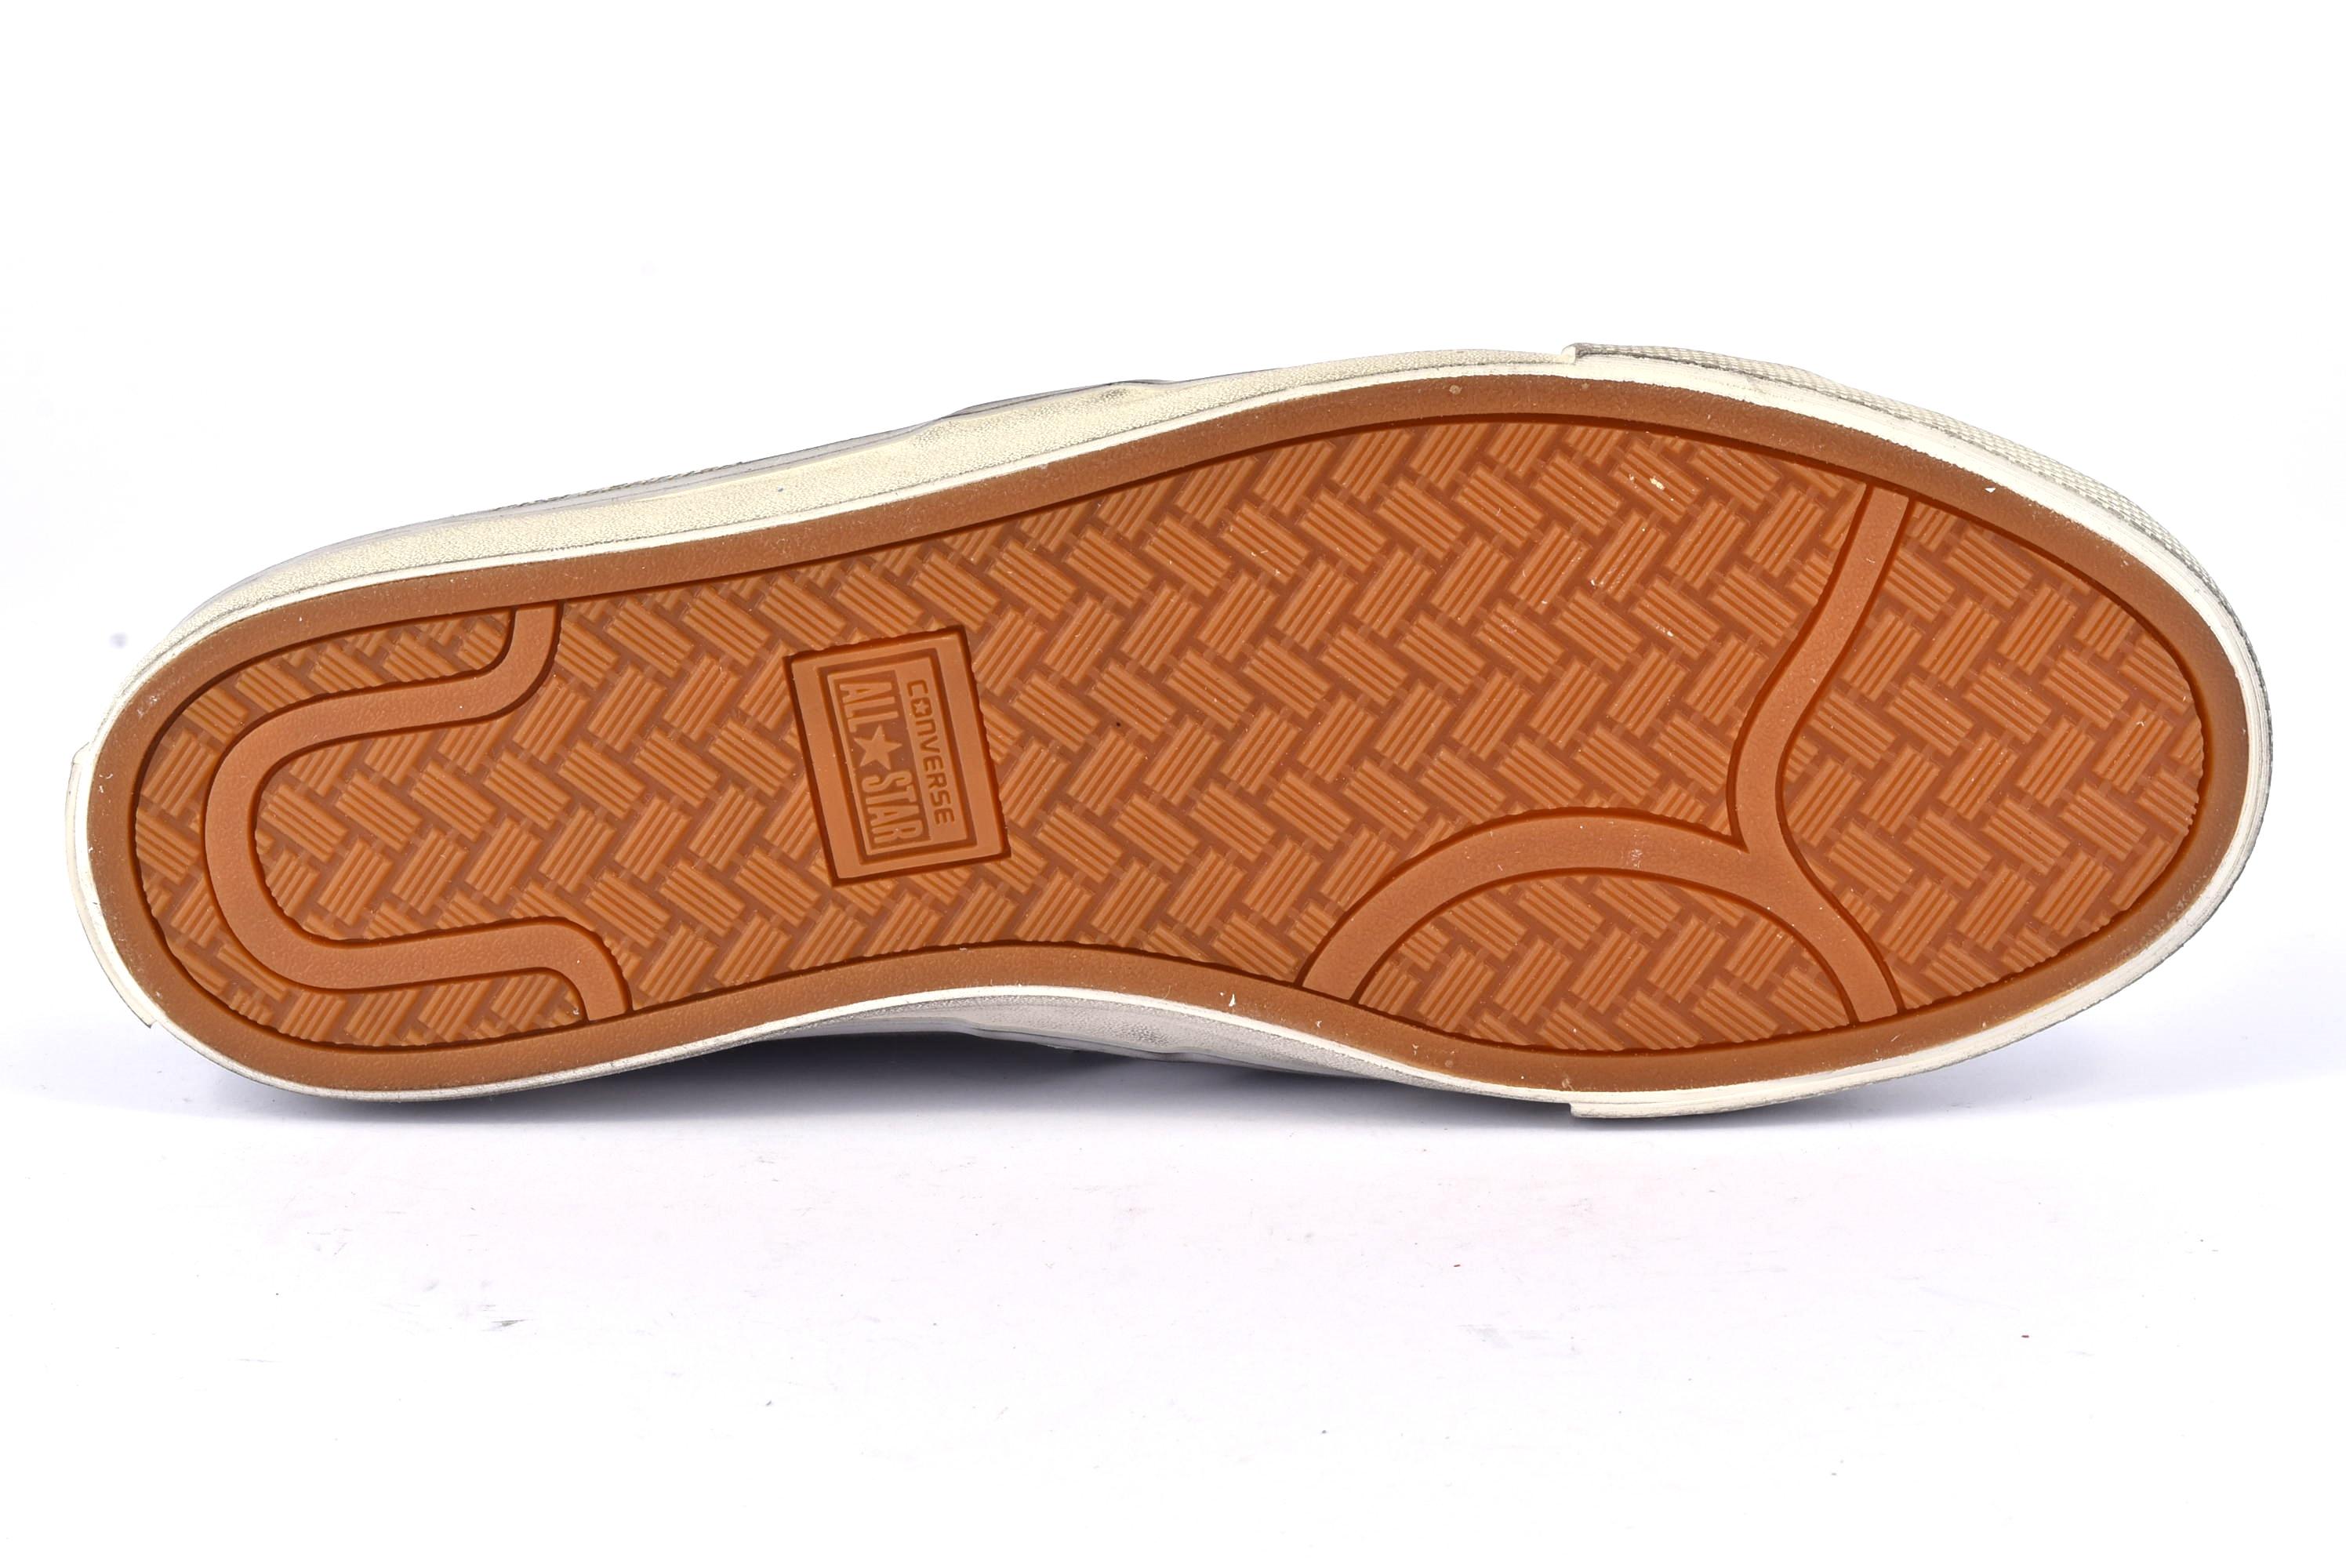 scarpe converse estive uomo 0f102b95b9f